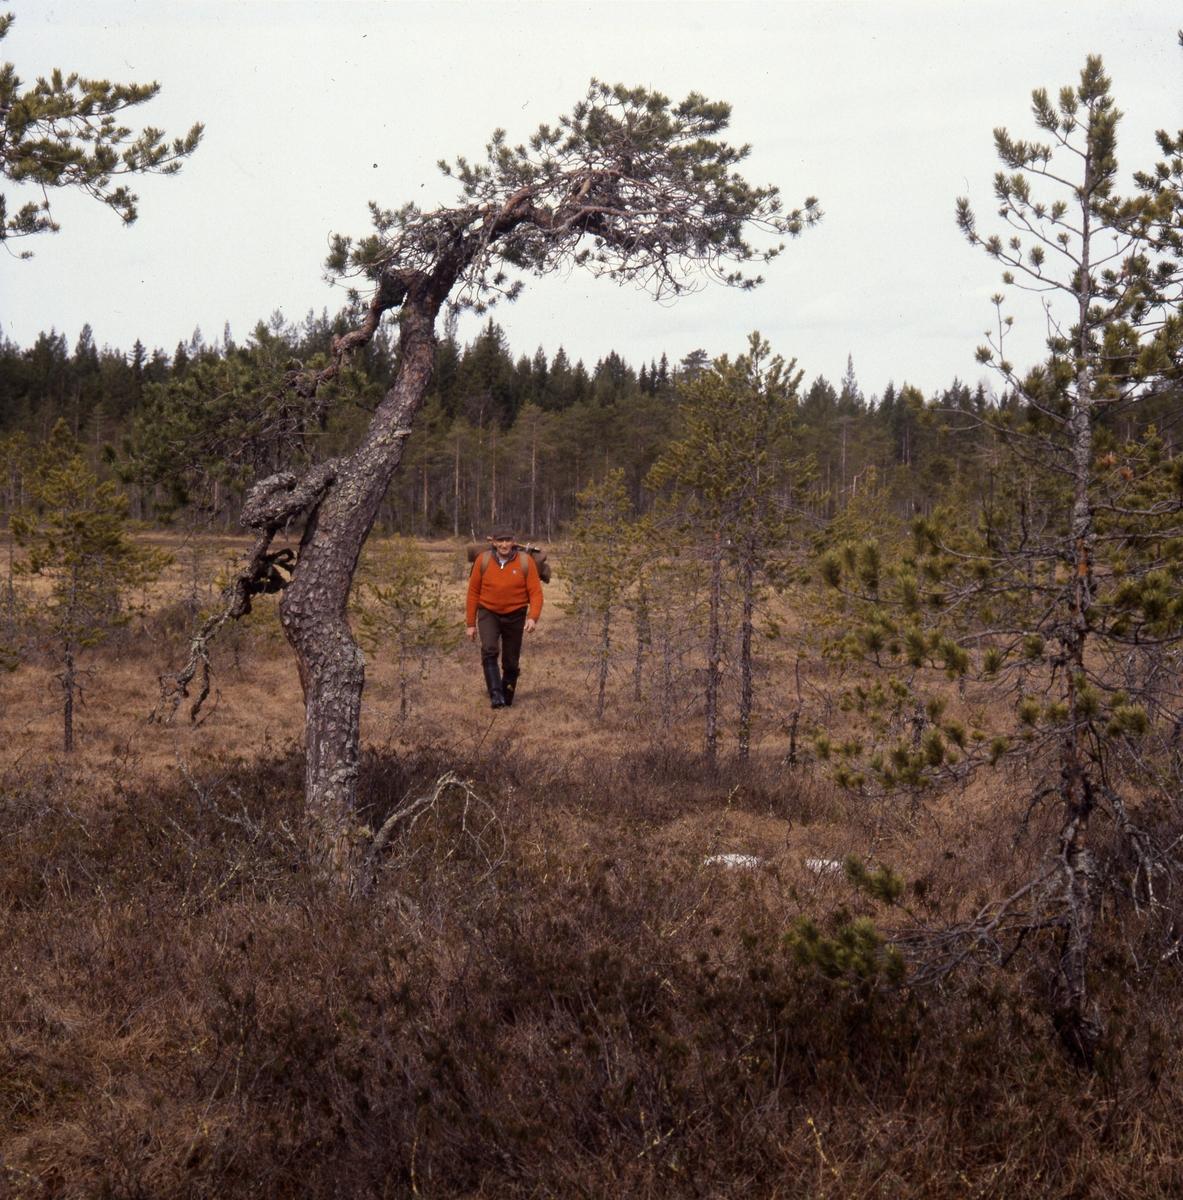 Man med ryggsäck vandrar på en myr.